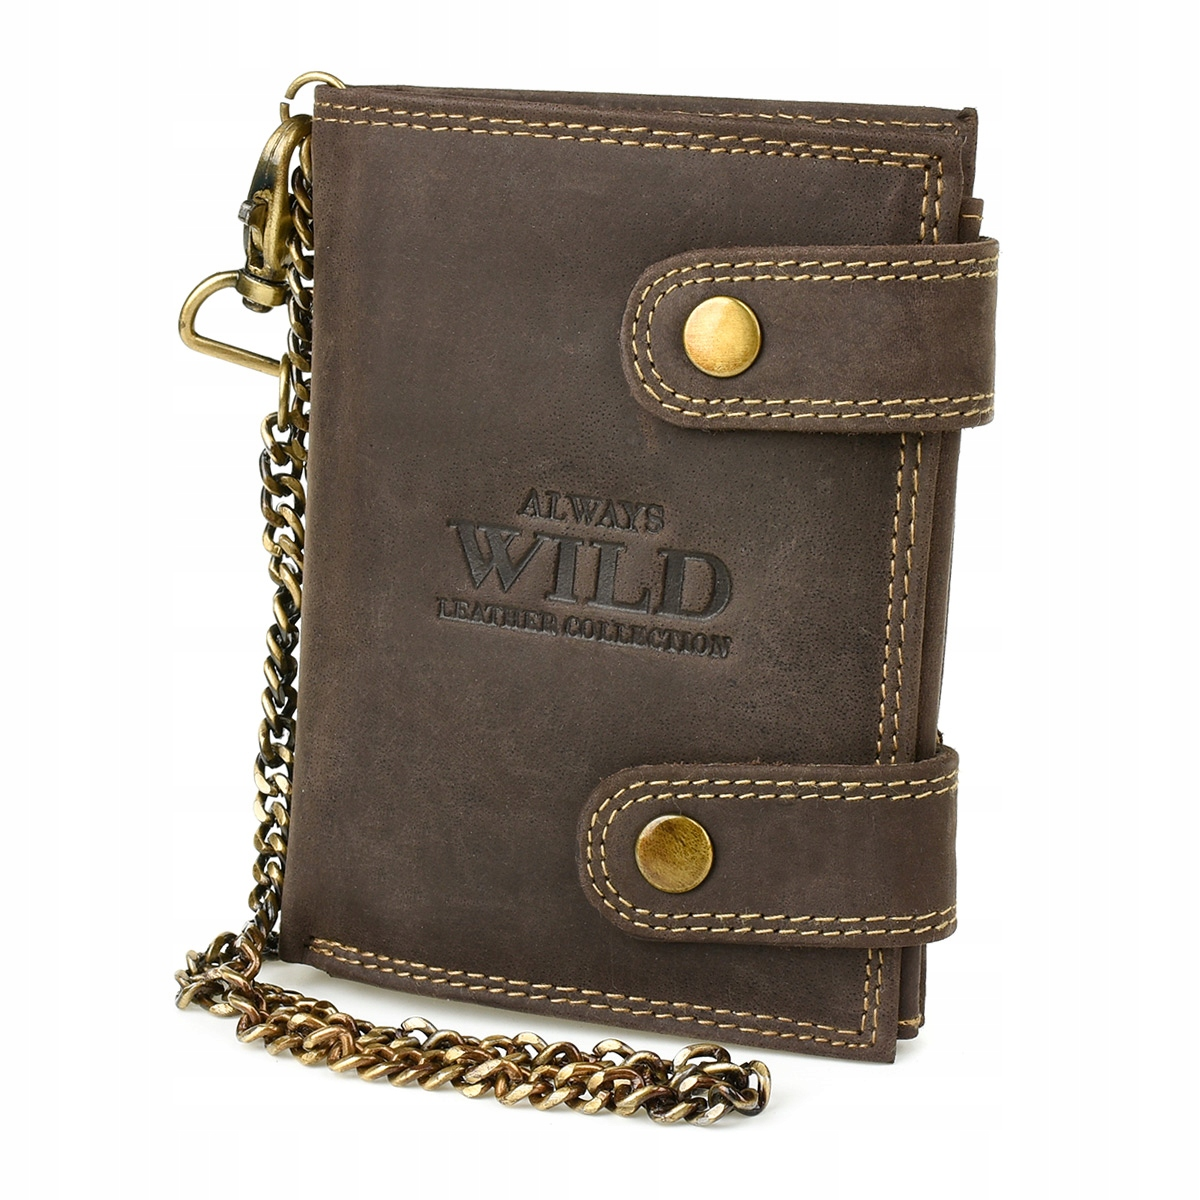 Always Wild Z47 Pánska kožená peňaženka RFID hnedá